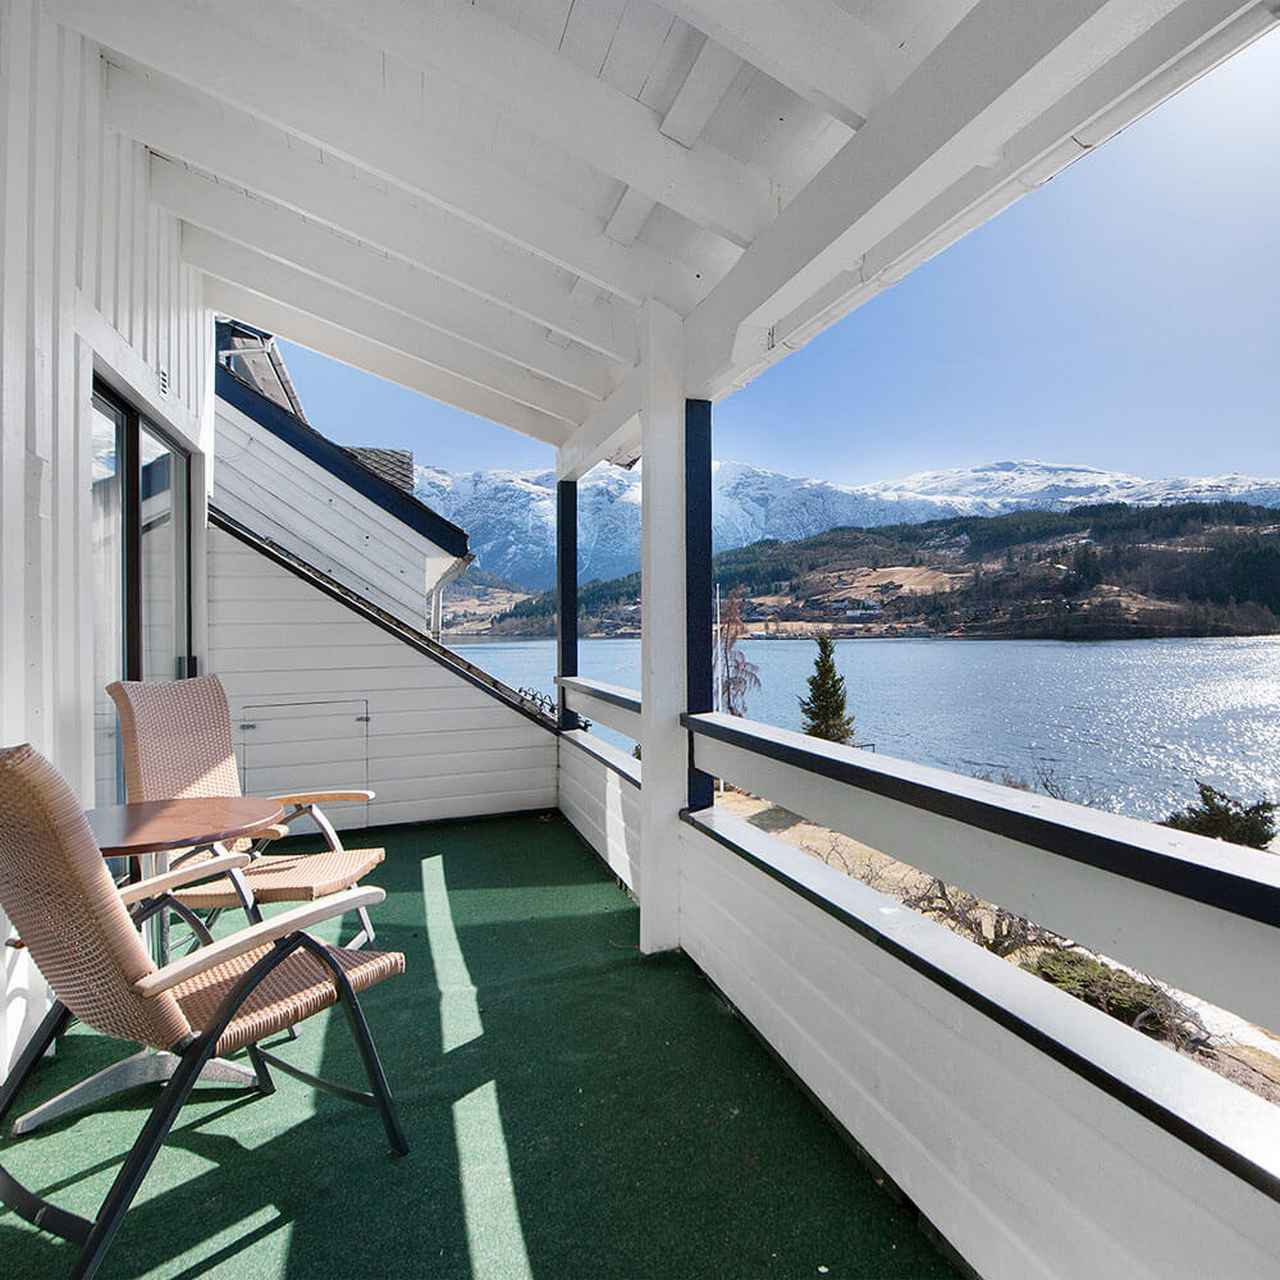 画像: brakanes hotel の客室一例(イメージ)